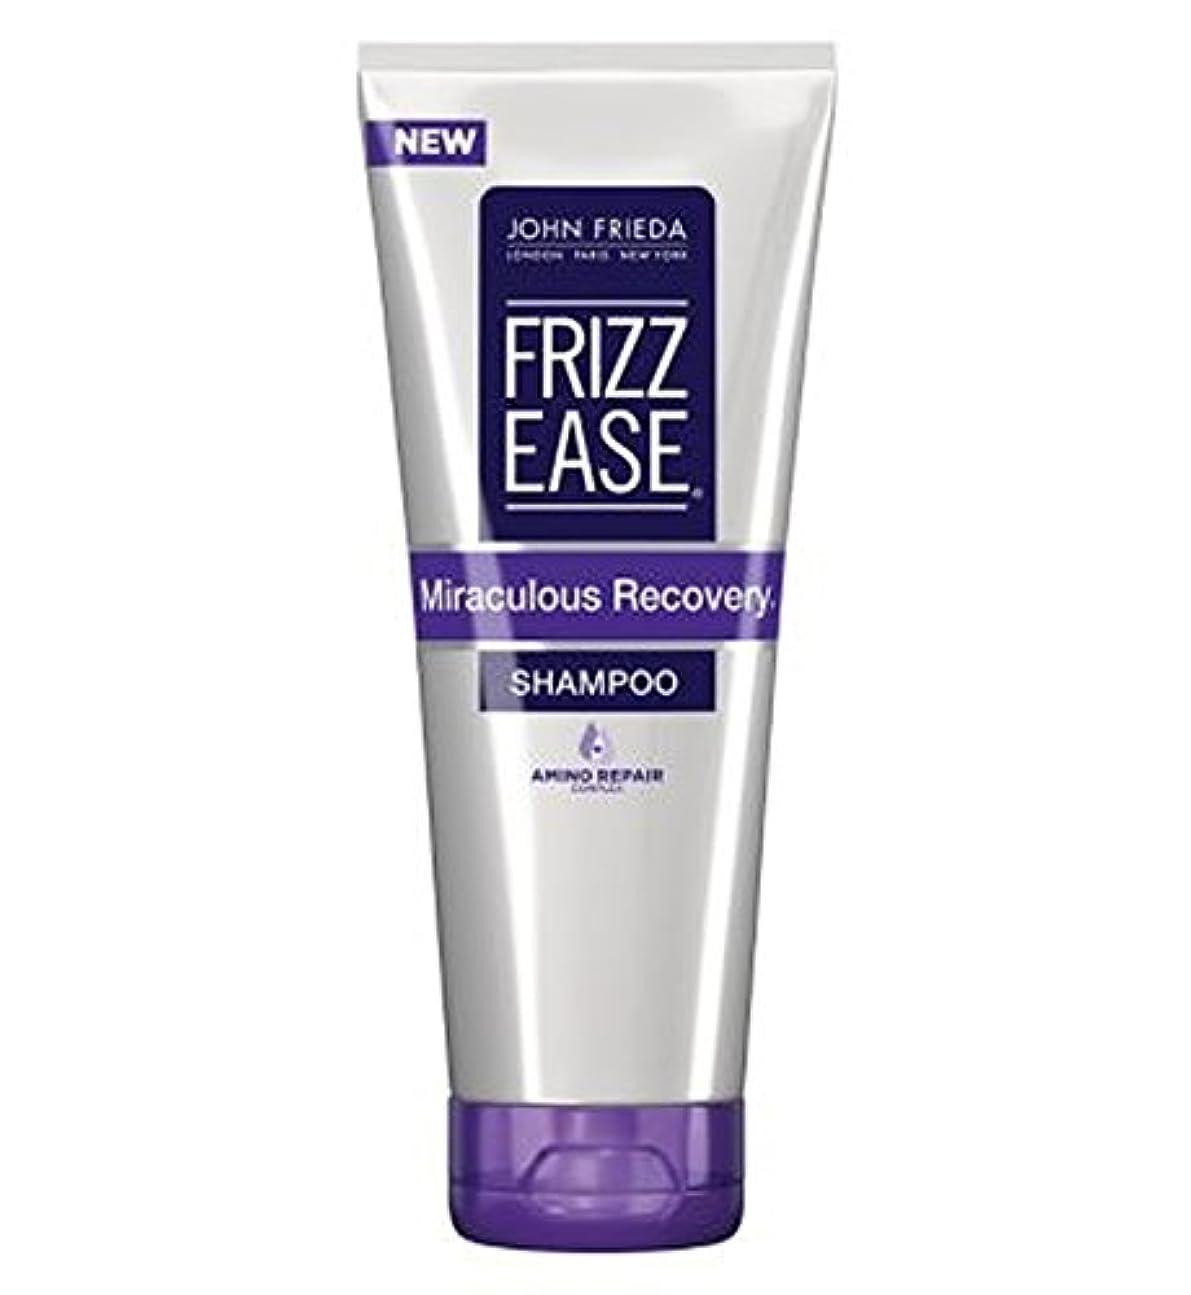 罹患率バラエティ定刻ジョン?フリーダ縮れ容易奇跡的な回復シャンプー250ミリリットル (John Frieda) (x2) - John Frieda Frizz Ease Miraculous Recovery Shampoo 250ml (Pack of 2) [並行輸入品]